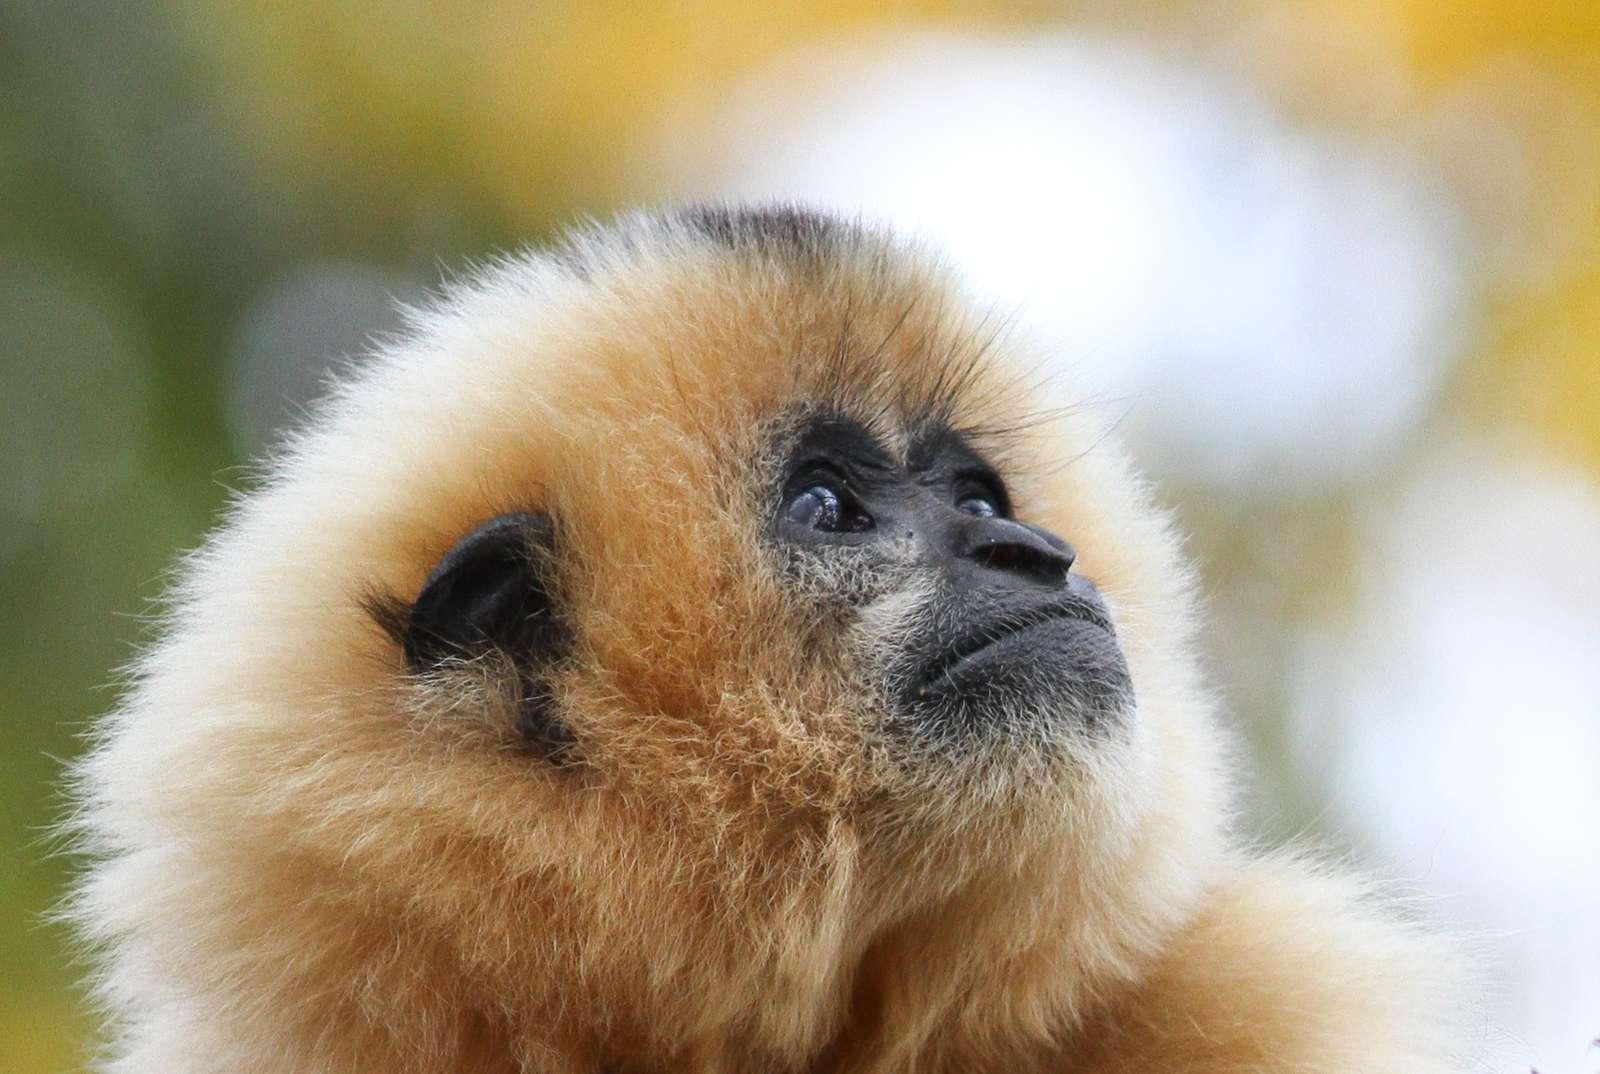 """Mütter werden getötet um Nachwuchs zu verkaufen   - Foto: Mark Dumont - Der Gibbon ist das """"Zootier des Jahres 2019"""""""